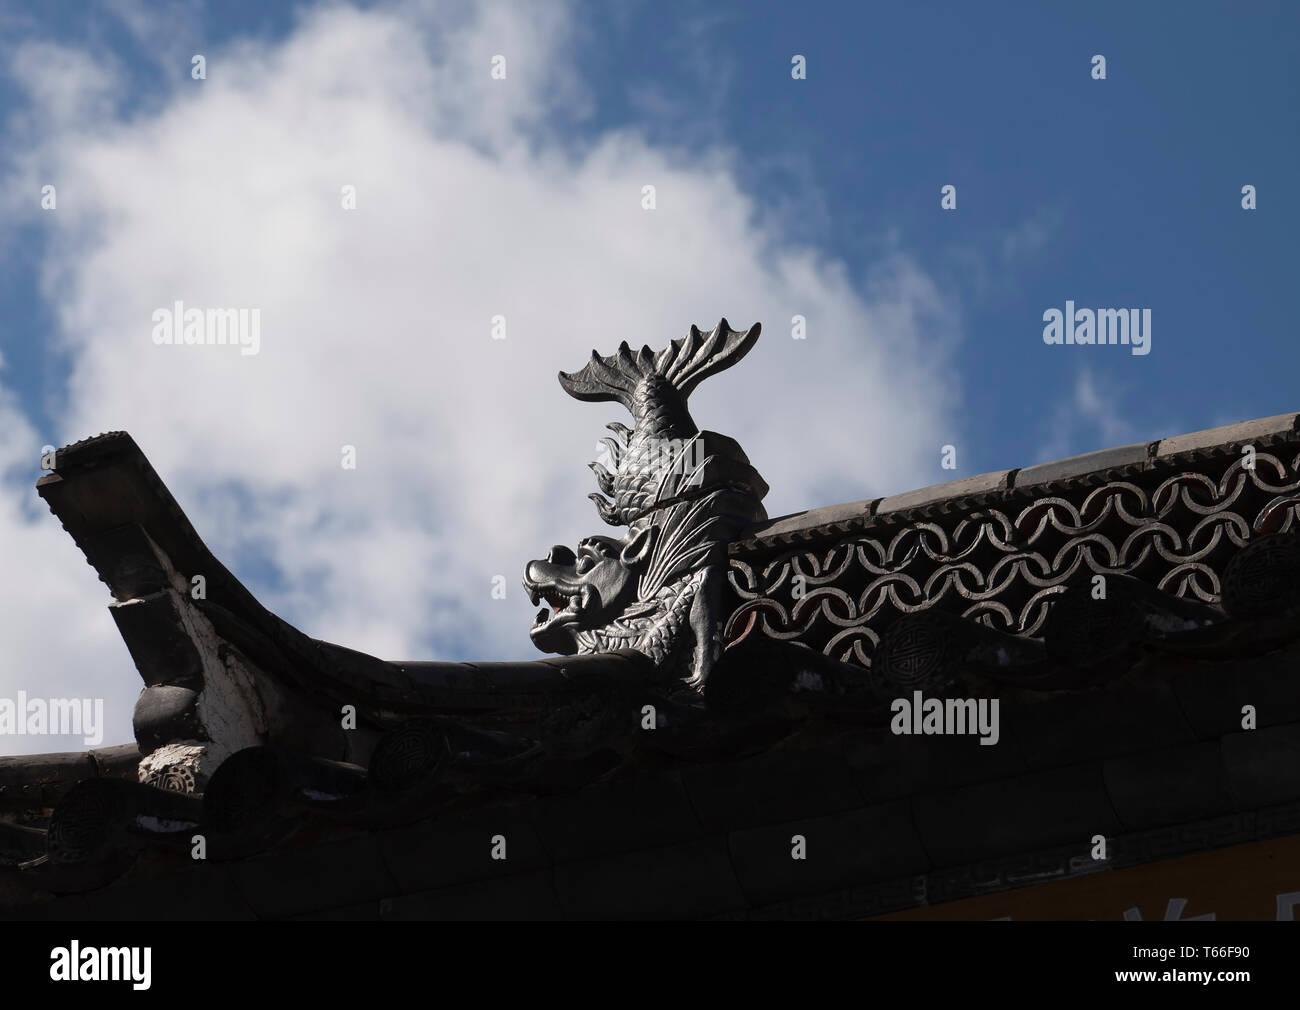 Villaggio Yuhu, appartenente alla minoranza Naxi, situato a circa 15 chilometri a nord di Lijiang Old Town, è l'ultimo villaggio della valle Immagini Stock